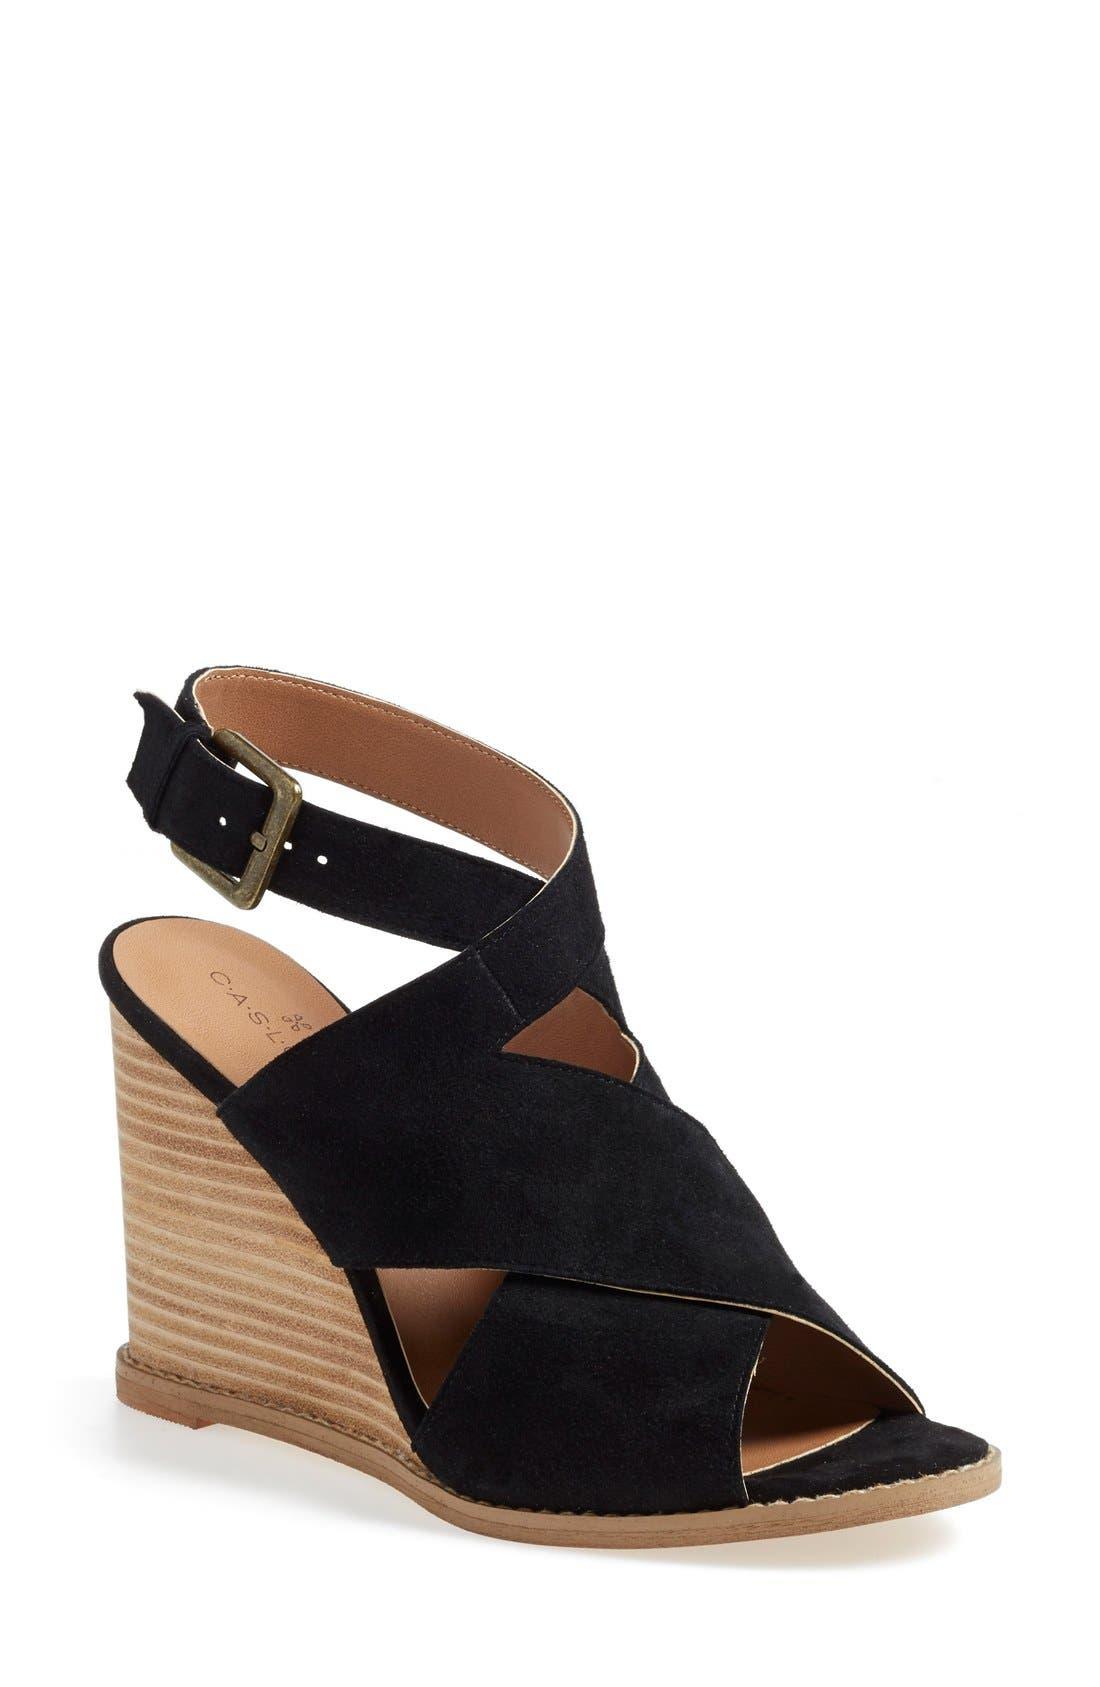 Caslon 'Hallie' Sandal, Main, color, 001